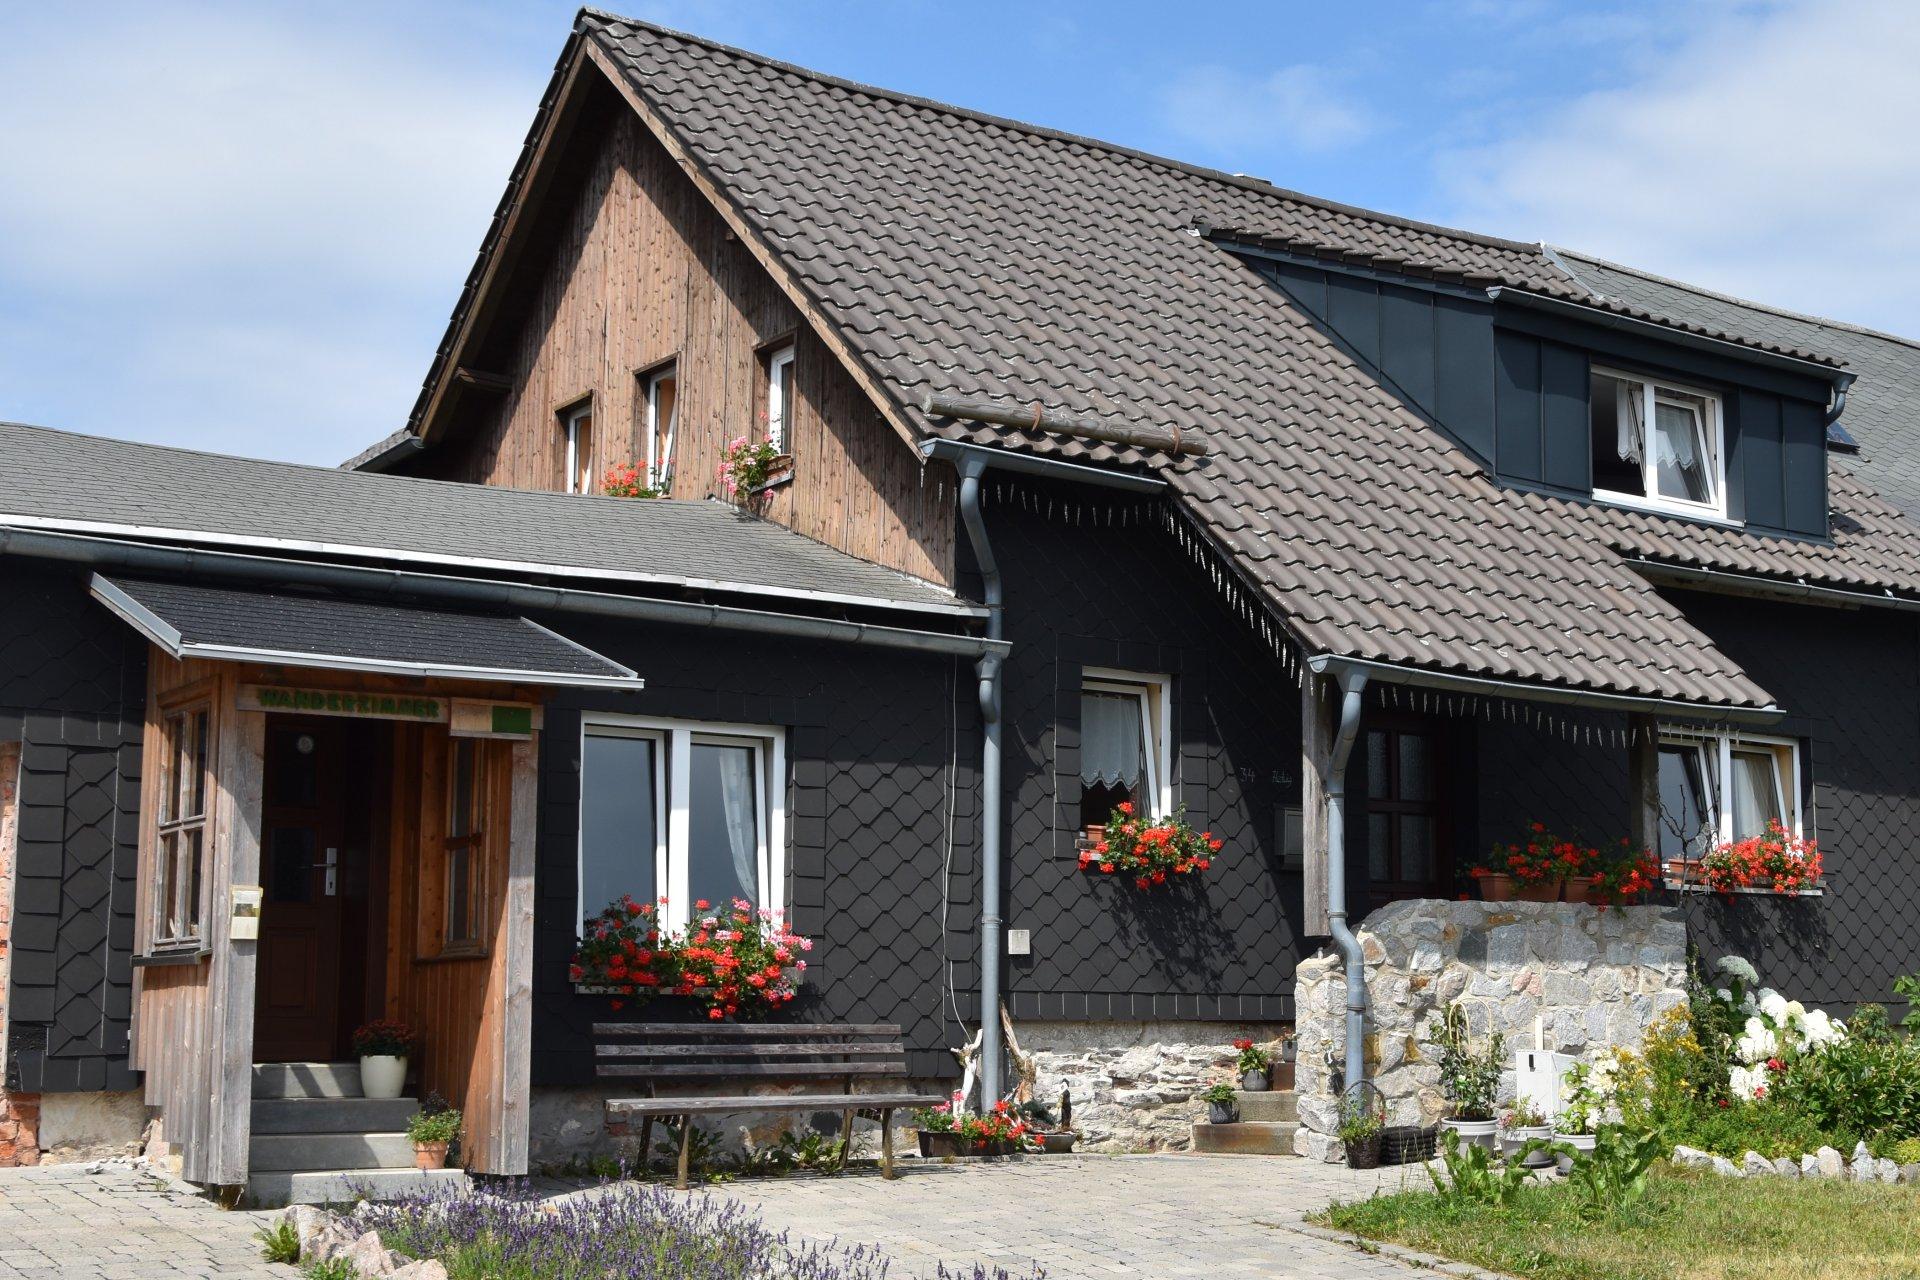 Ferienzimmer Dorfladen - 2